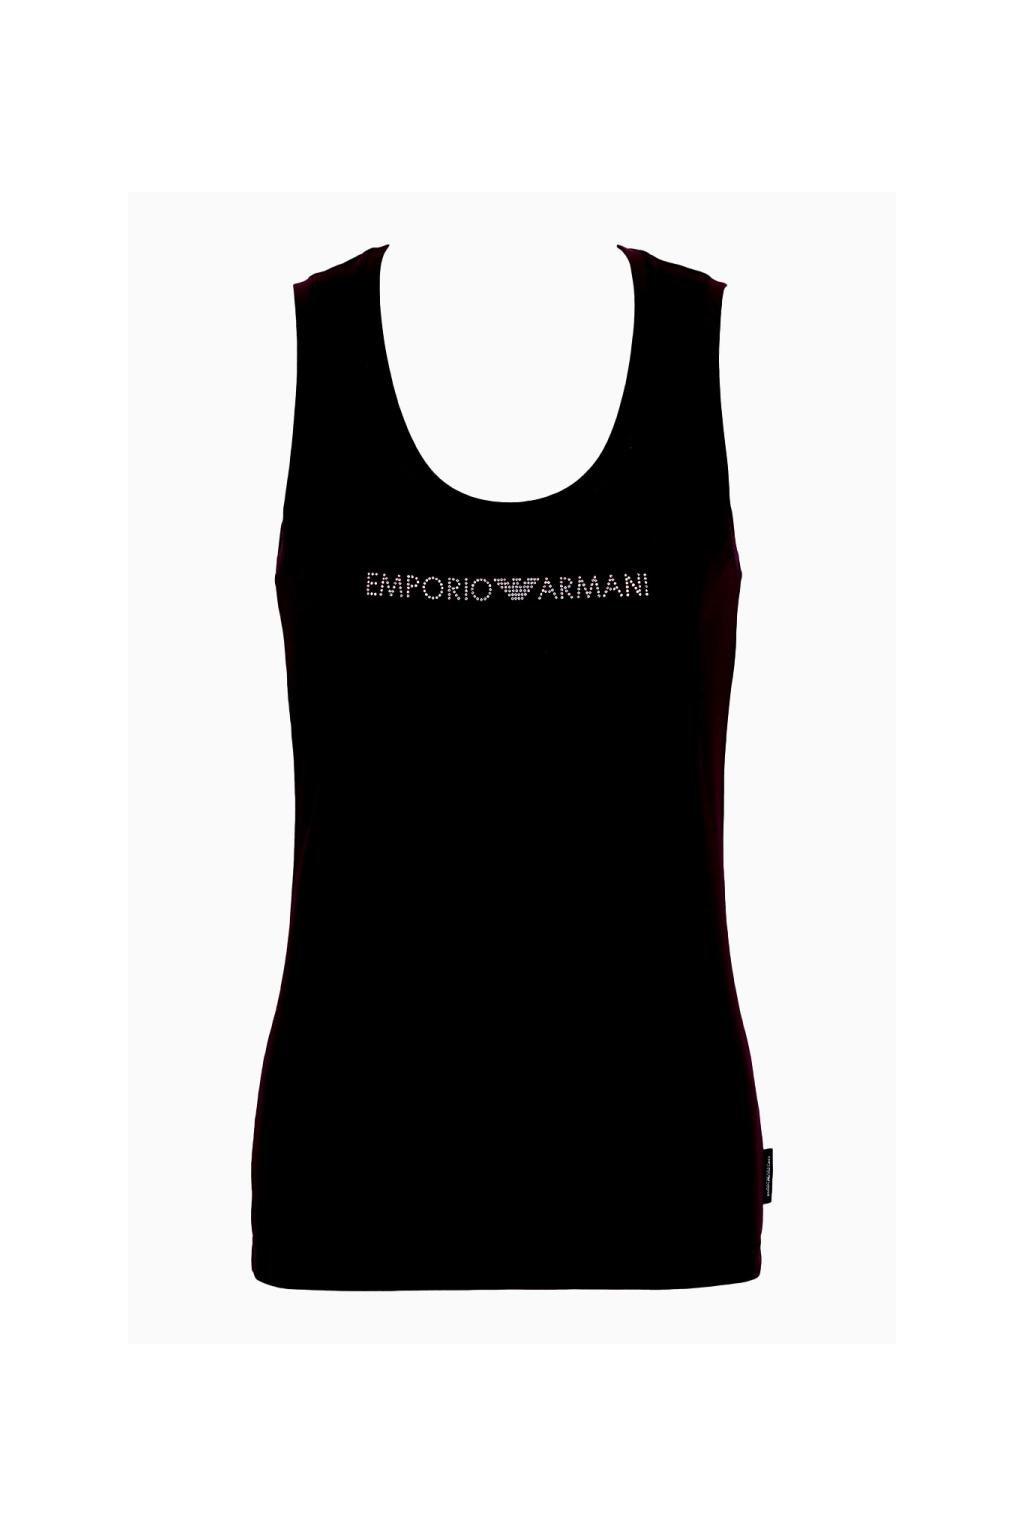 Emporio Armani Visibility Cotton tílko - black